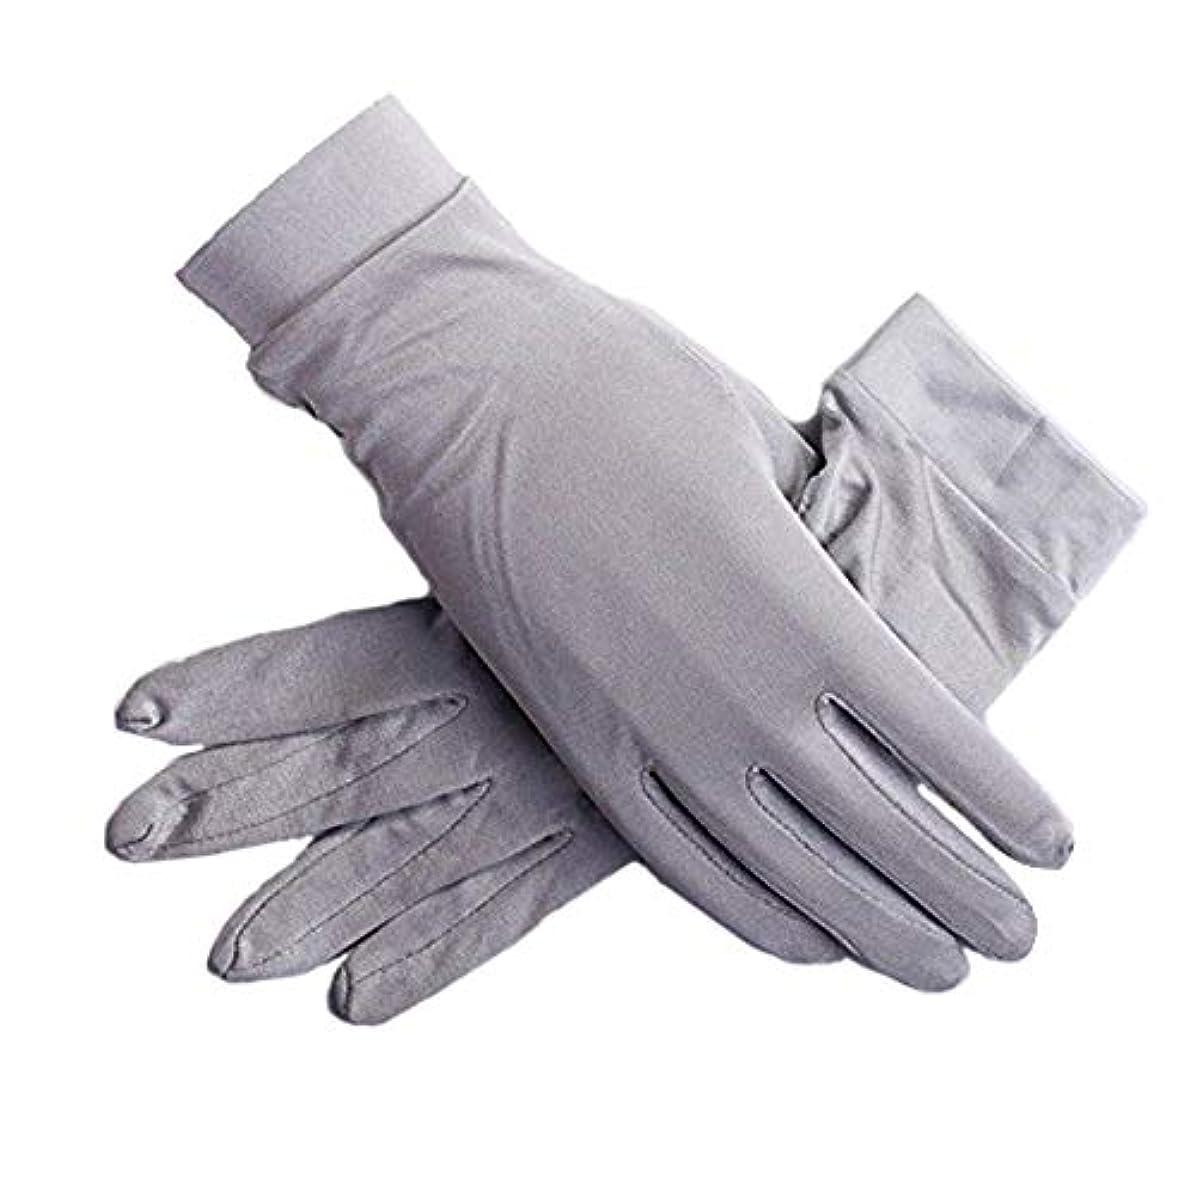 加速度故障冷酷なメンズ シルク手袋 手袋 シルク おやすみ 手触り夏 ハンド ケア レディース日焼け防止 が良い 紫外線 保湿